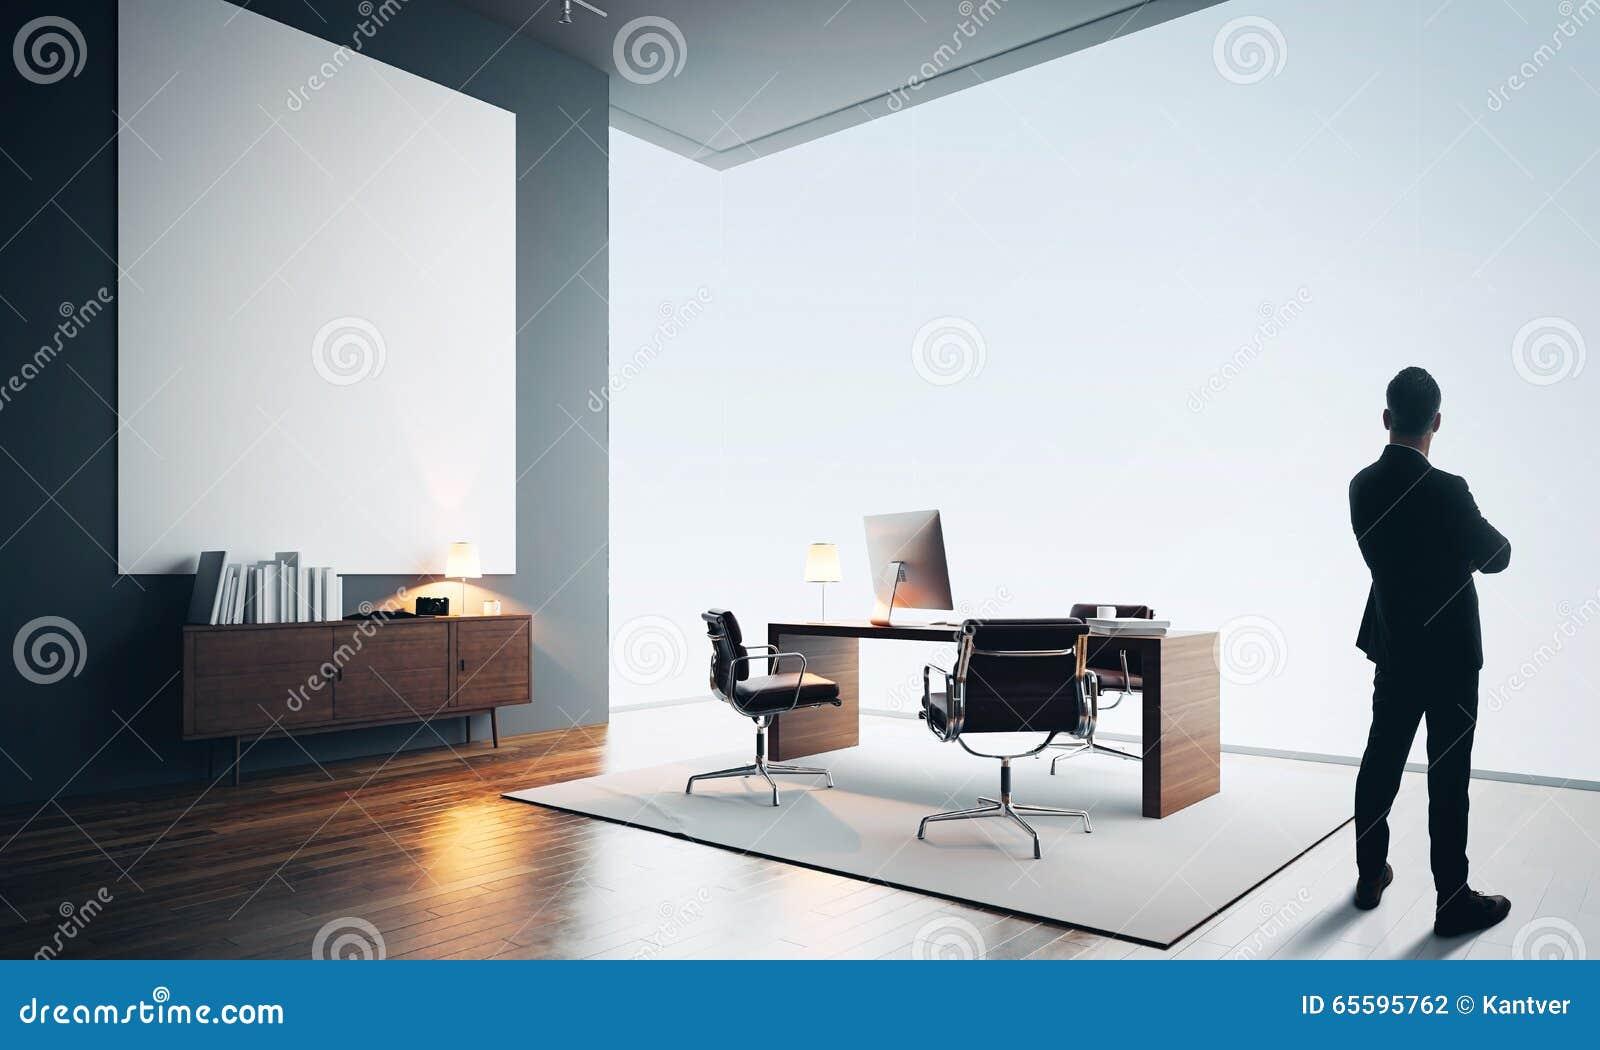 d licieux le bureau moderne 3 l homme d affaires se tient dans le bureau moderne avec une. Black Bedroom Furniture Sets. Home Design Ideas